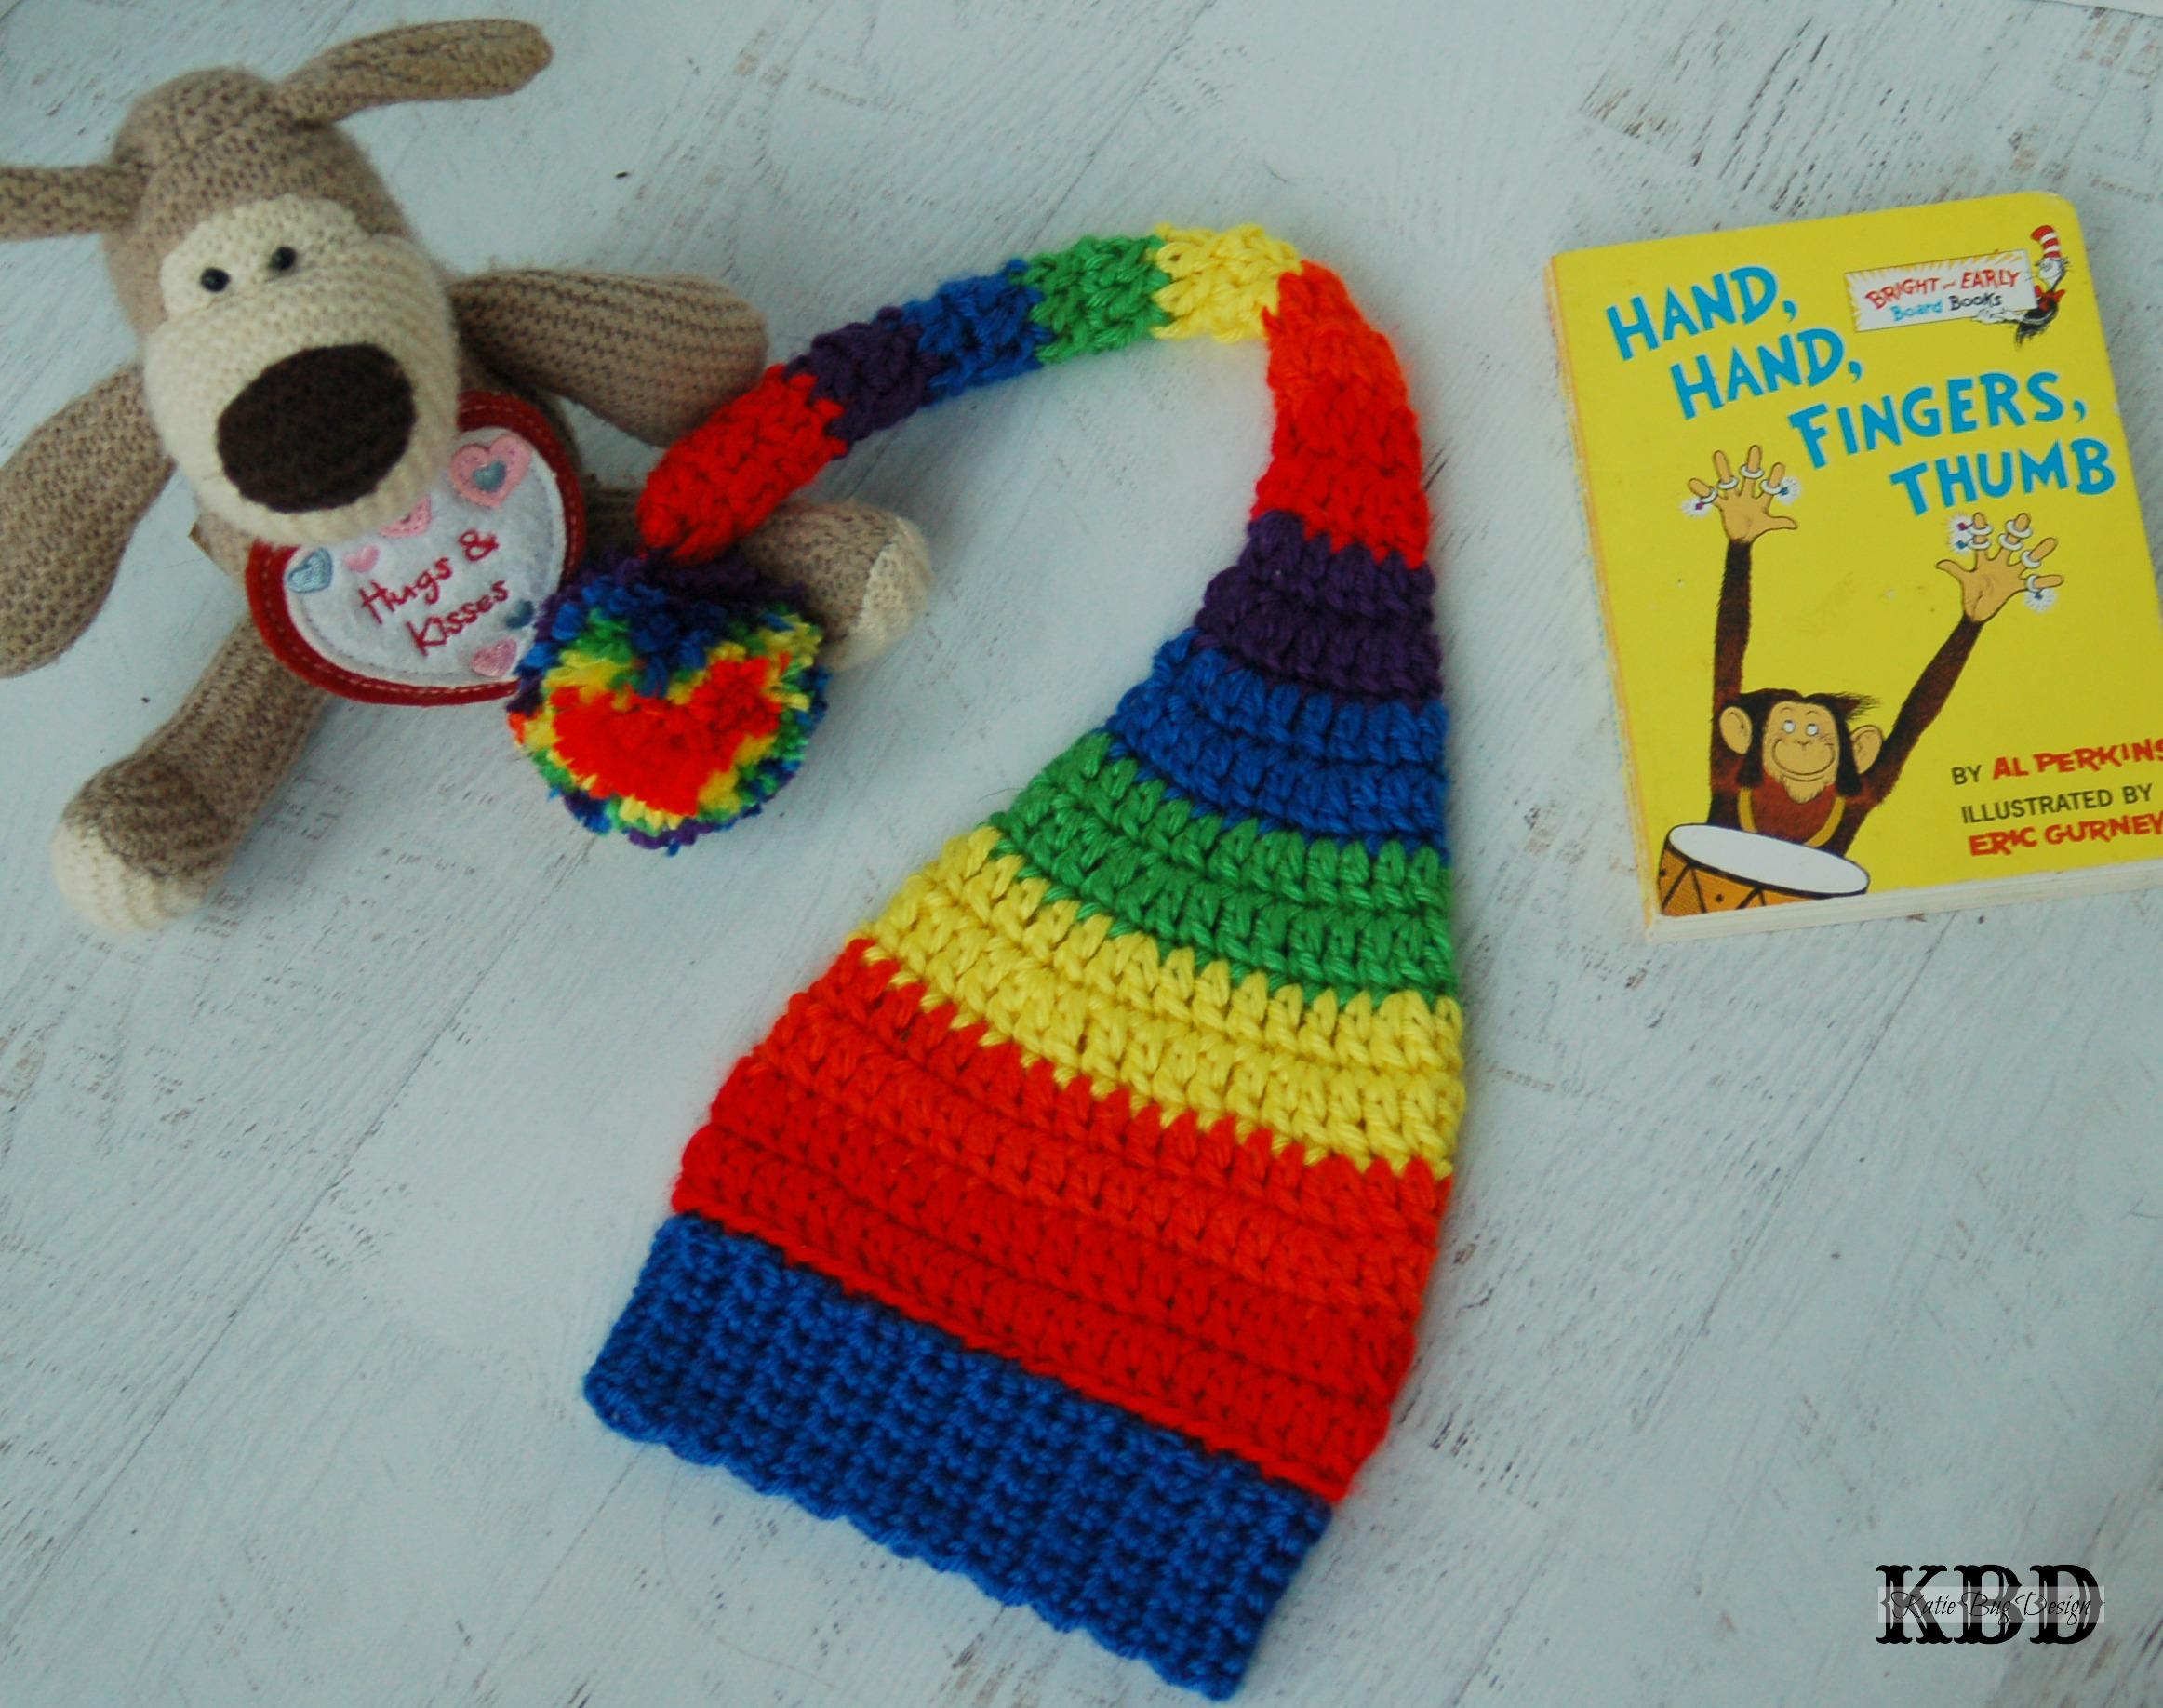 Rainbow Baby Crochet Hat - Katie Bug Design 874616b58c7